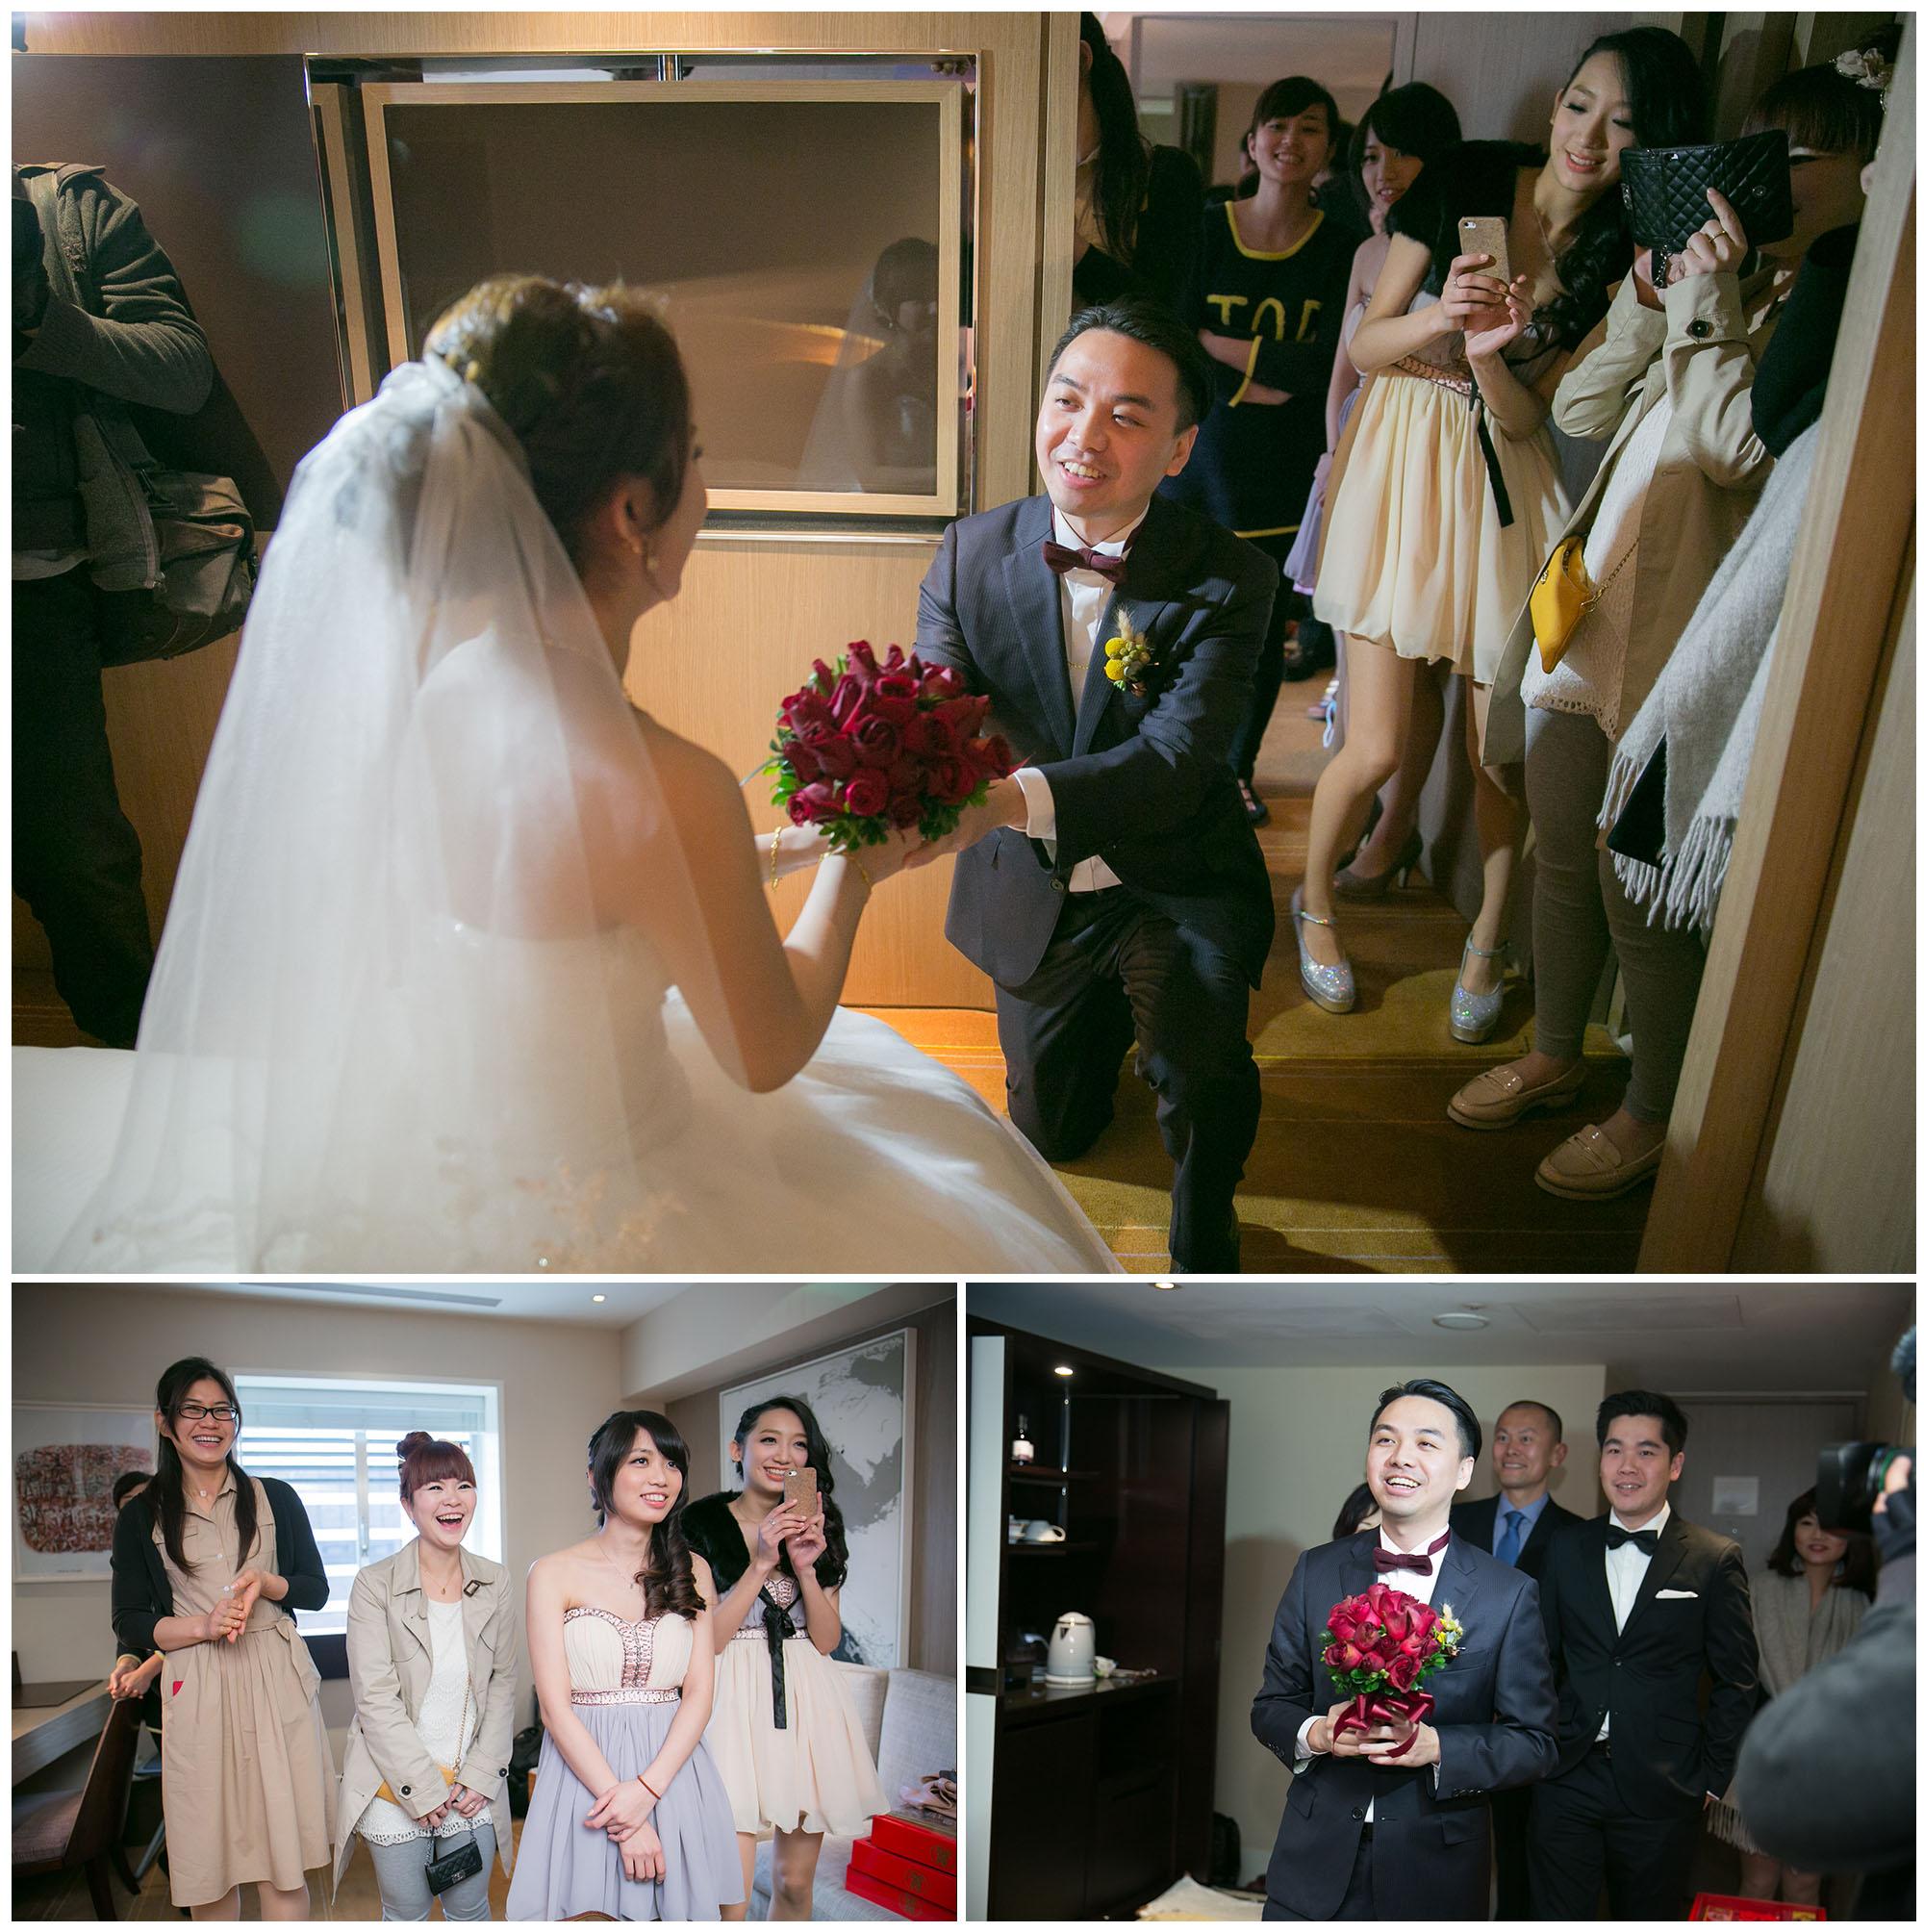 台北國賓大飯店,國際廳,台北婚禮攝影,訂婚儀式,結婚喜宴